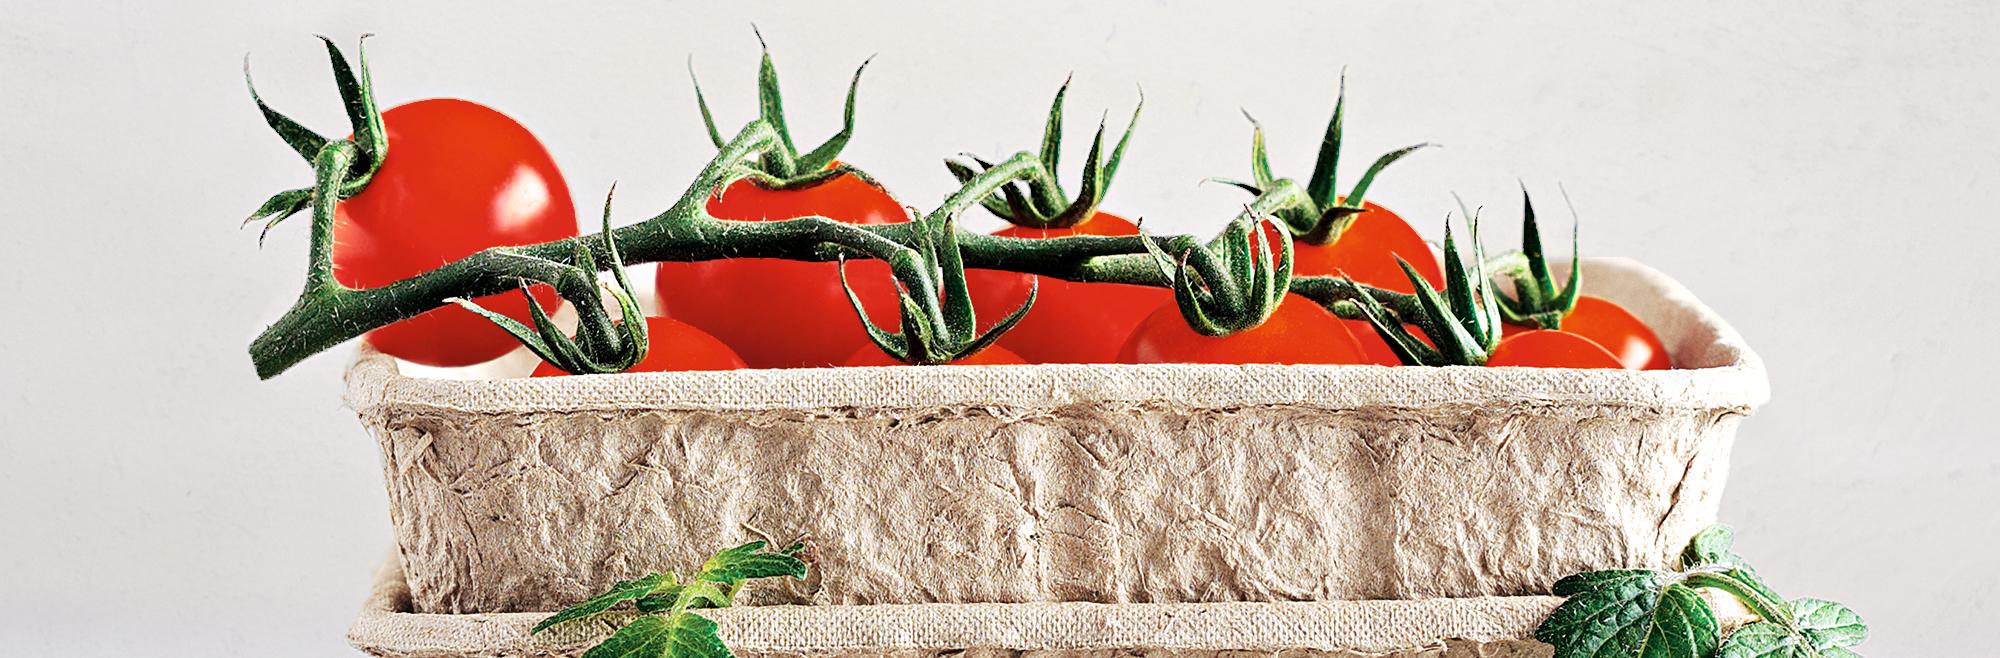 tomato punnet